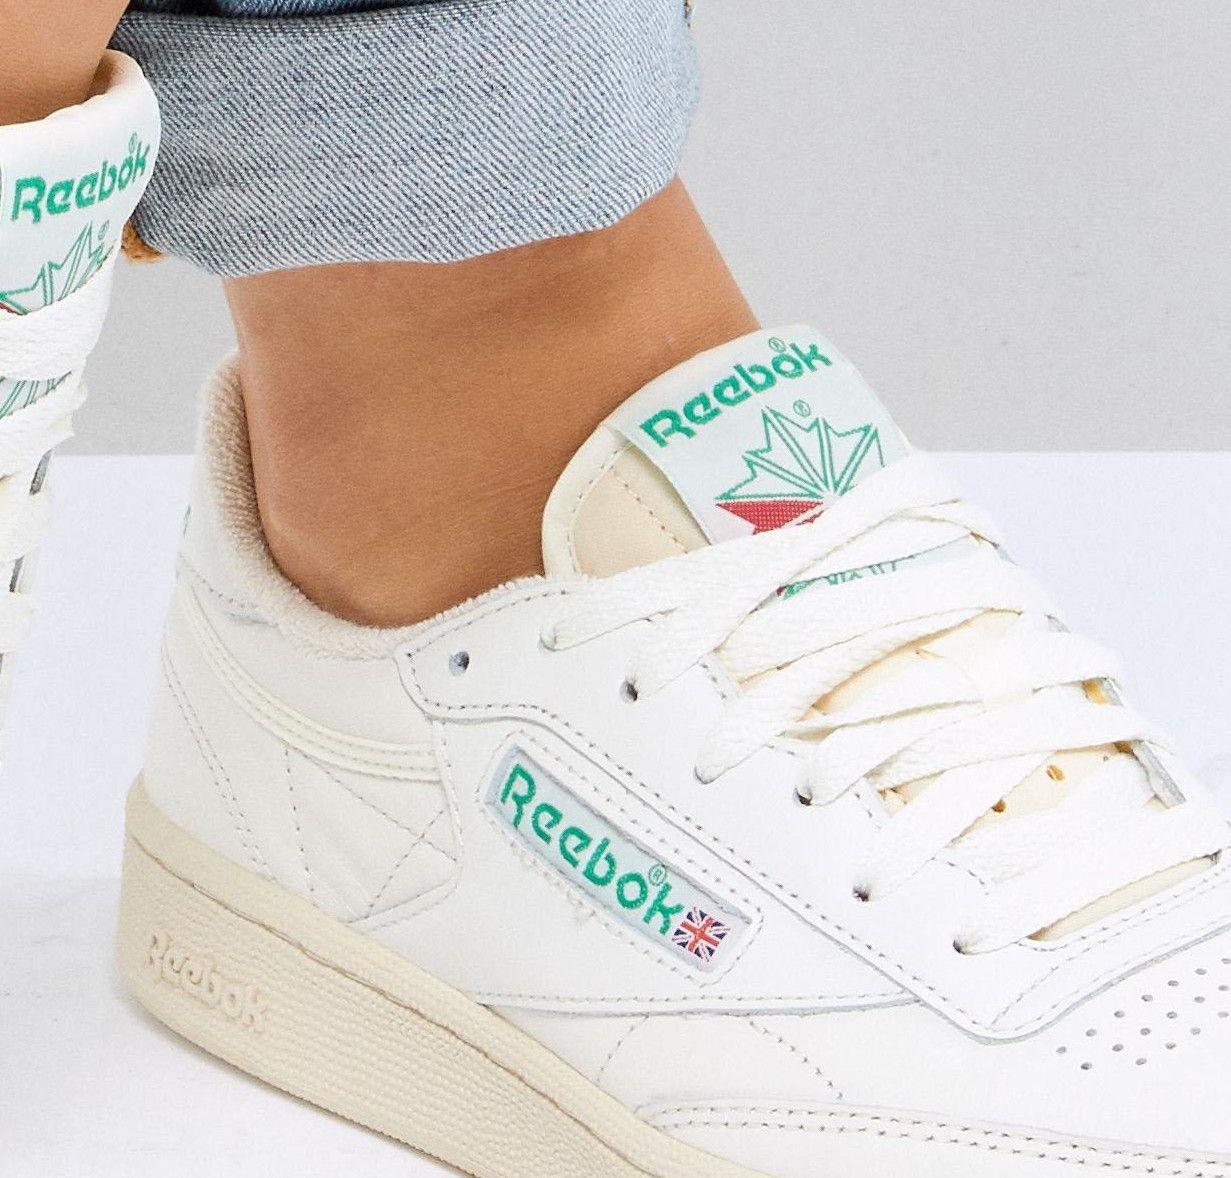 Punto de referencia Metropolitano Circunferencia  Reebok Classic Club C Vintage Sneakers In Chalk With Green | ASOS | Vintage  sneakers, Reebok classic, Reebok classic club c